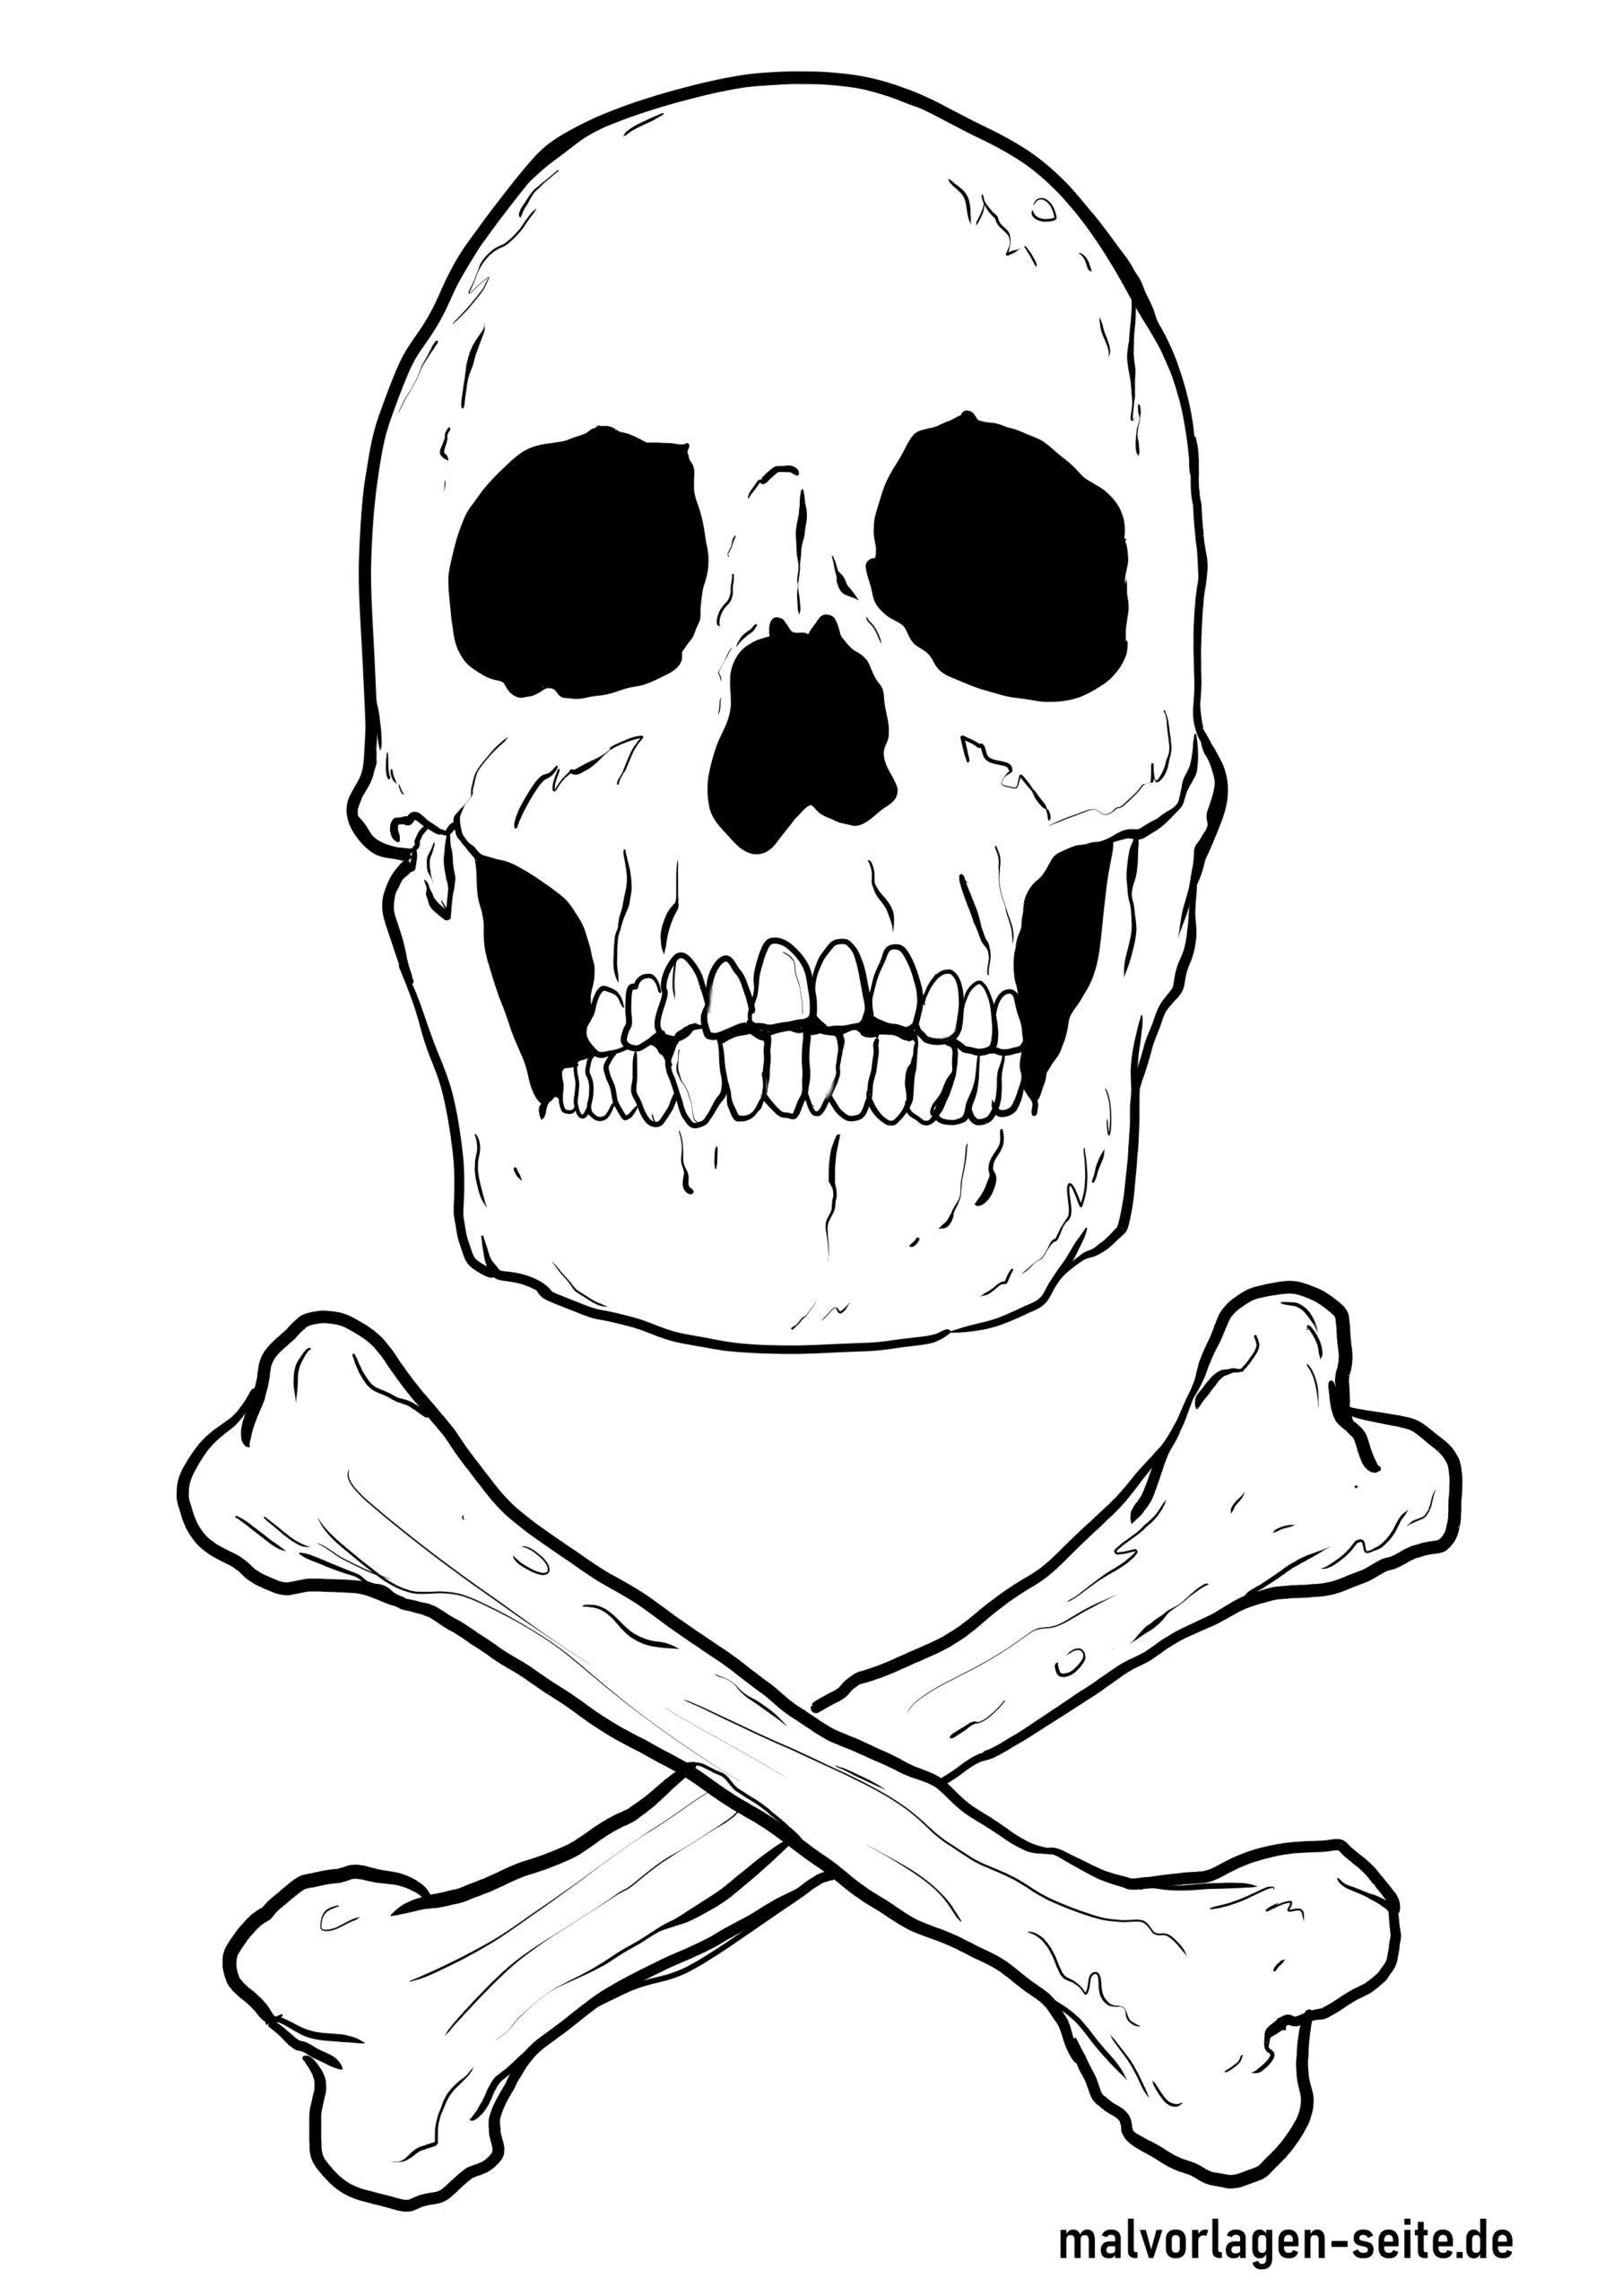 Totenkopf Zum Ausmalen - kinderbilderdownload